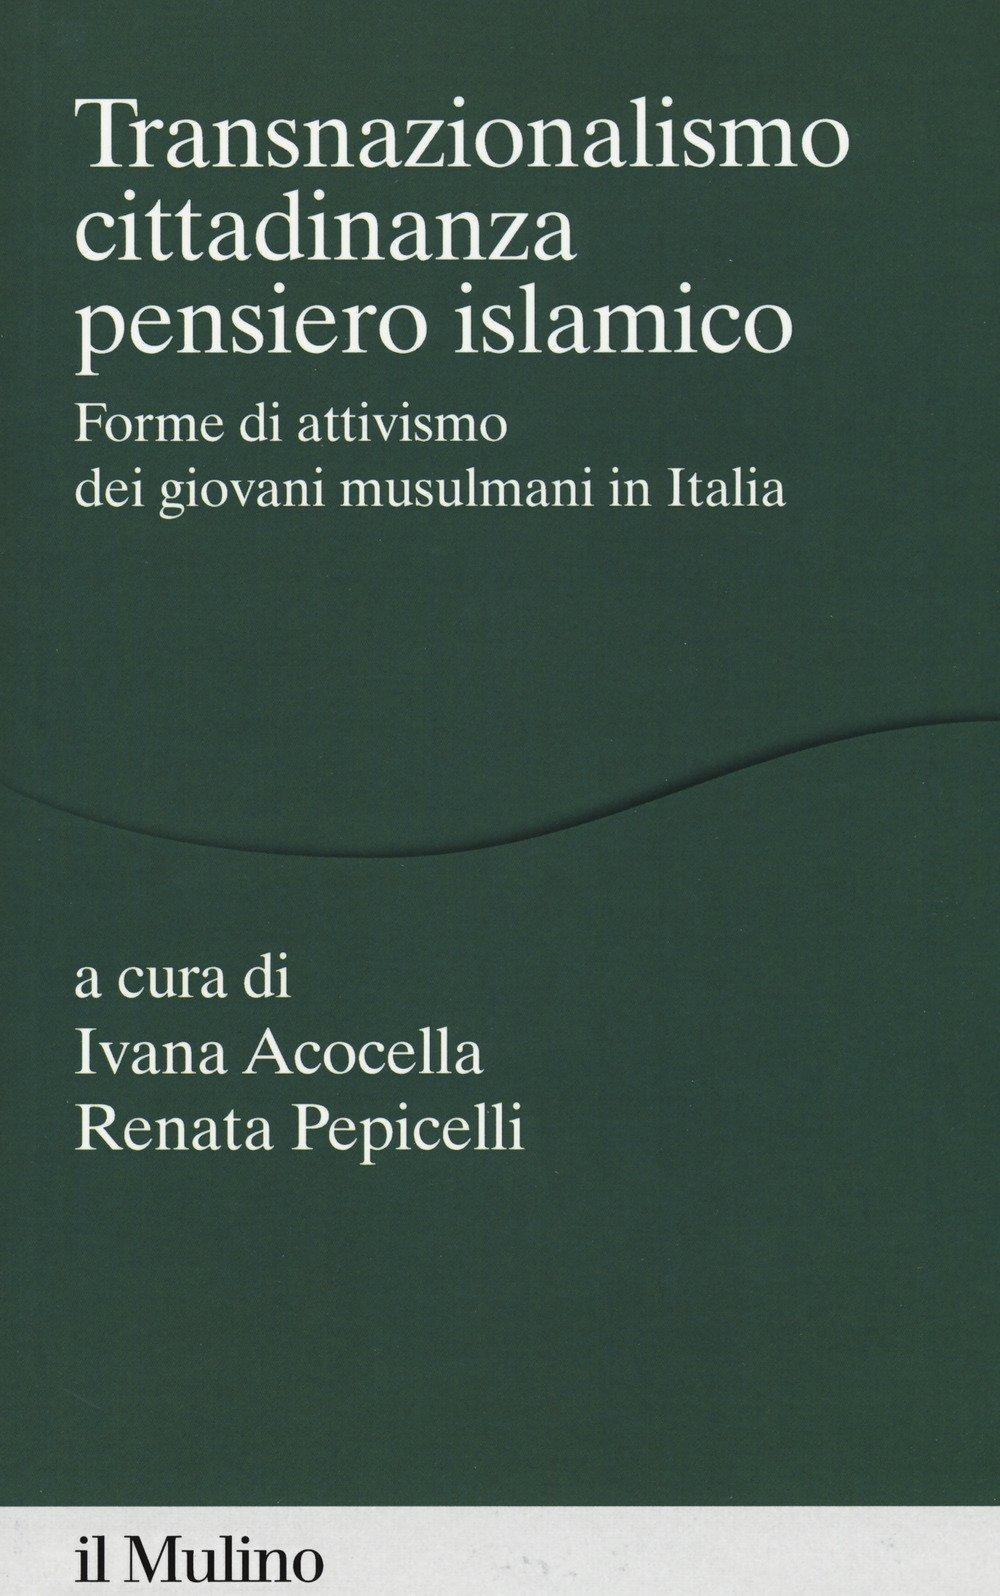 Transnazionalismo, cittadinanza, pensiero islamico. Forme di attivismo dei giovani musulmani in Italia